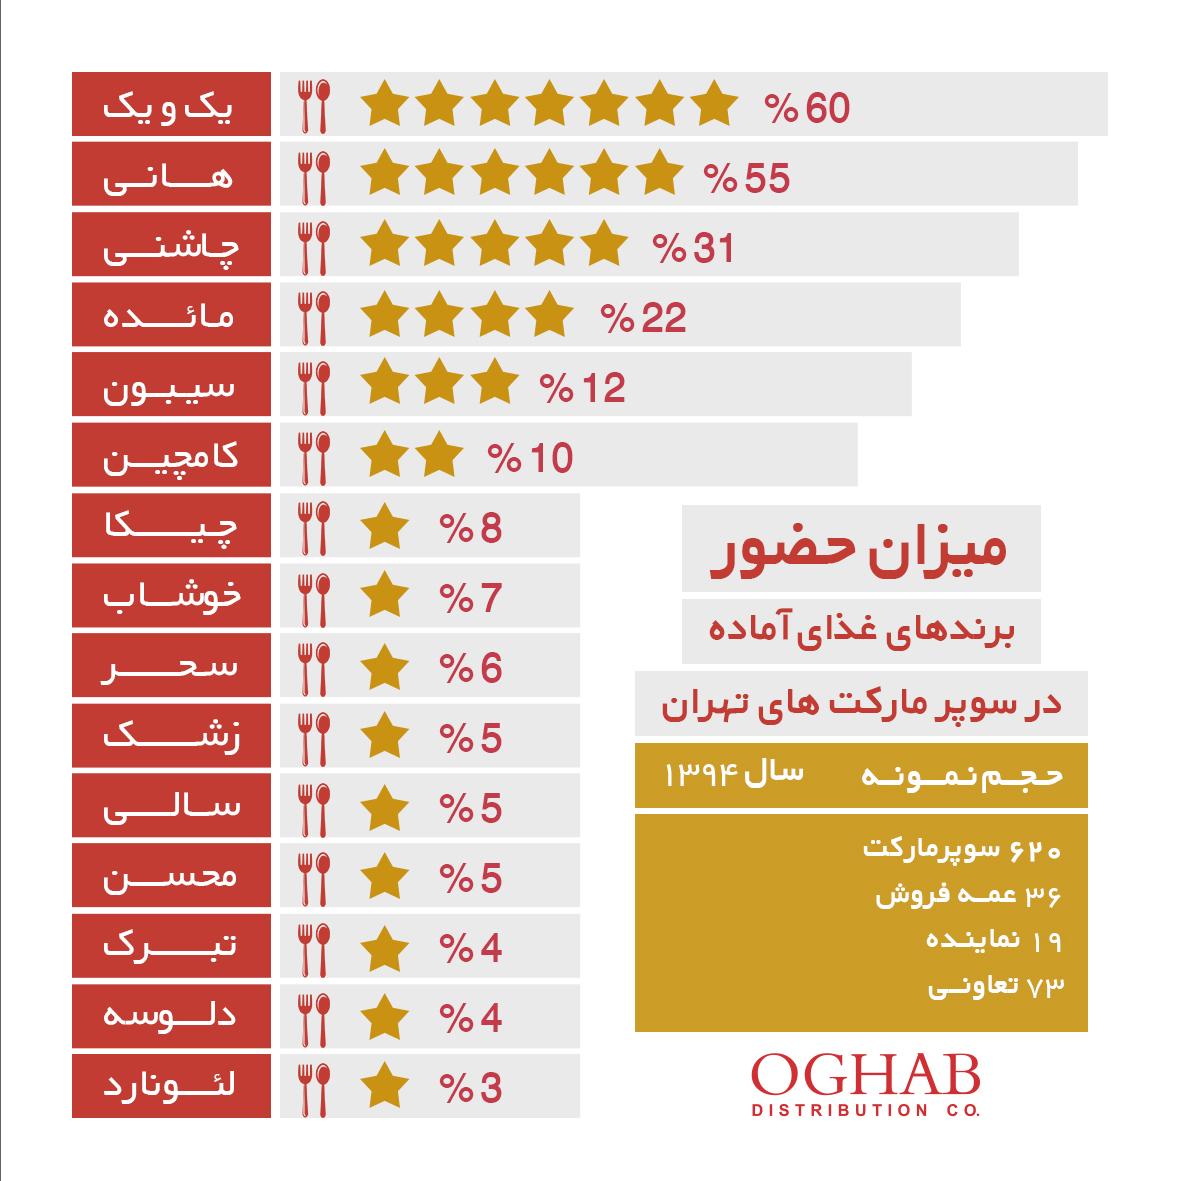 میزان حضور برندهای غذای آماده در سوپرمارکتهای تهران